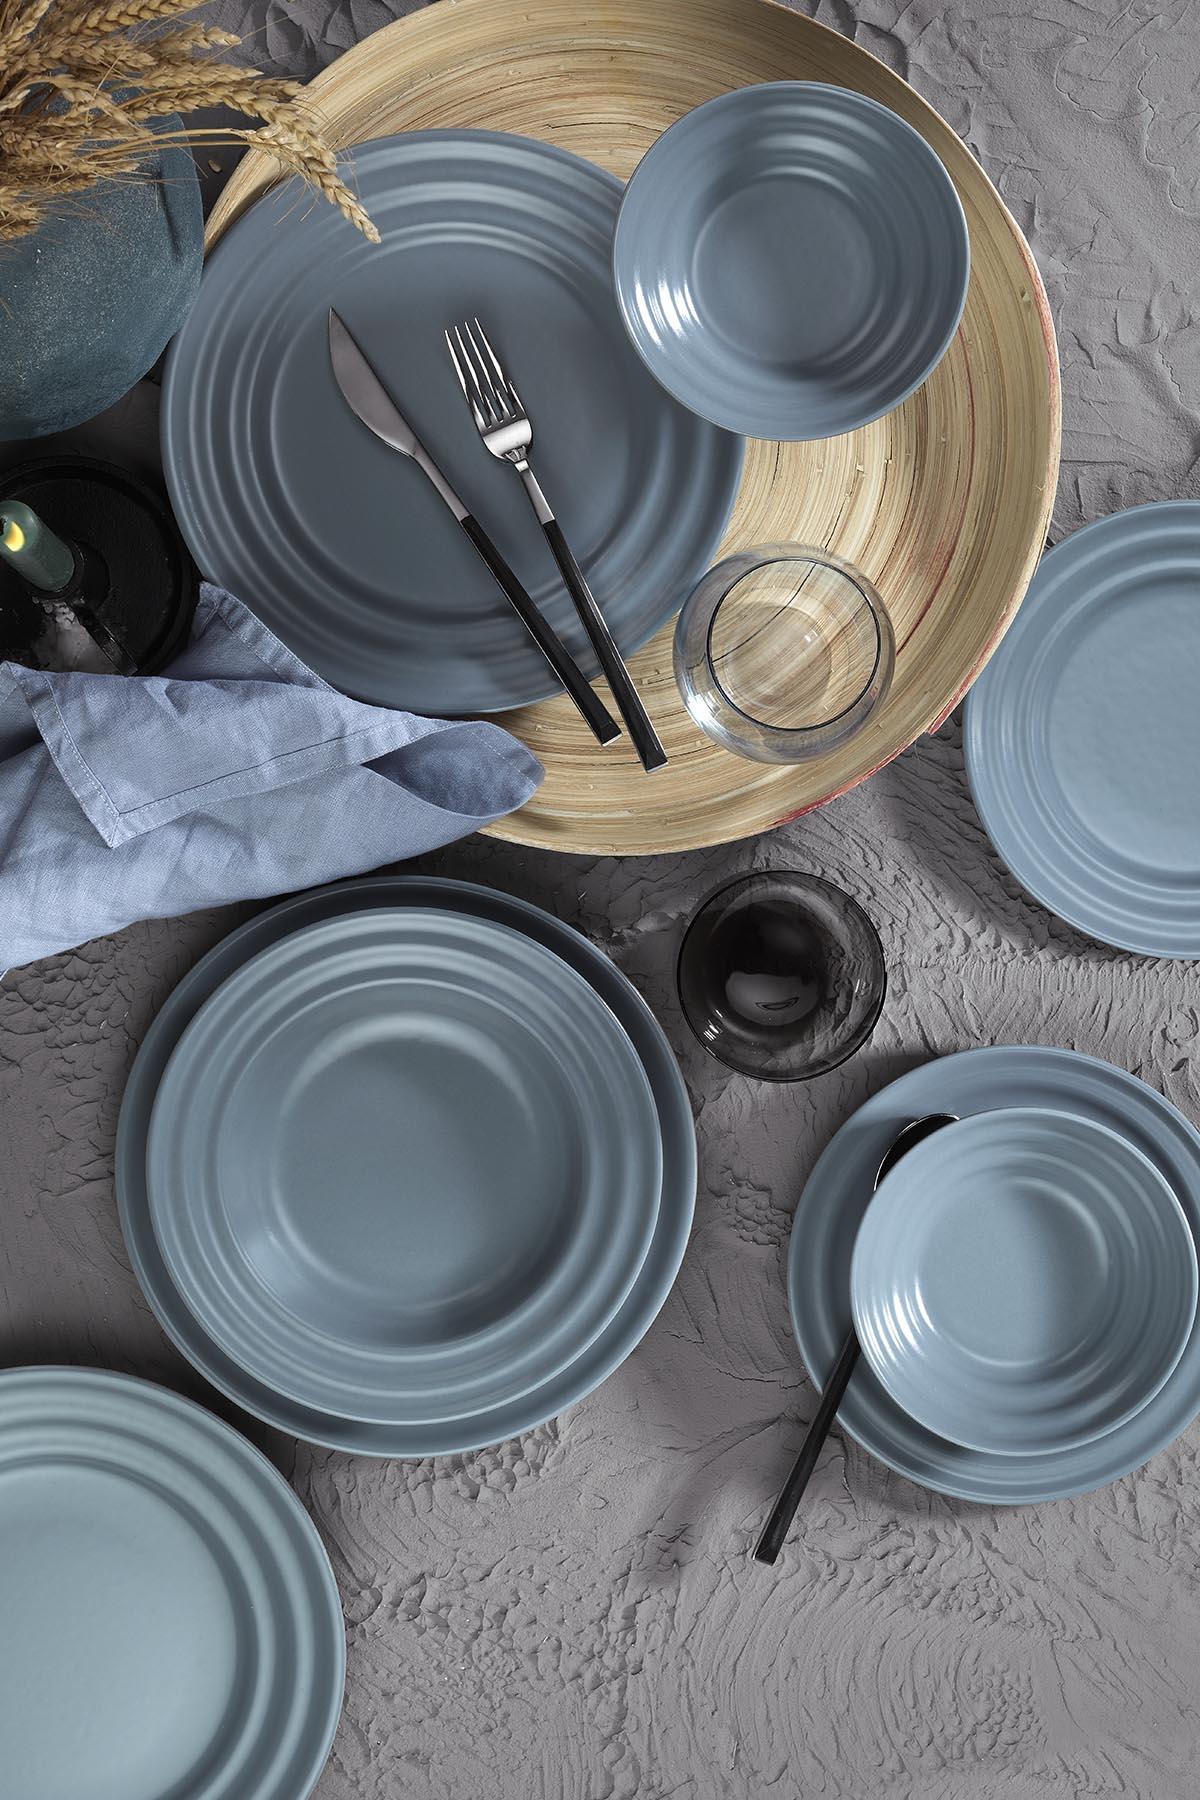 Kütahya Porselen New Tuvana 24 Parça Yemek Seti Gri